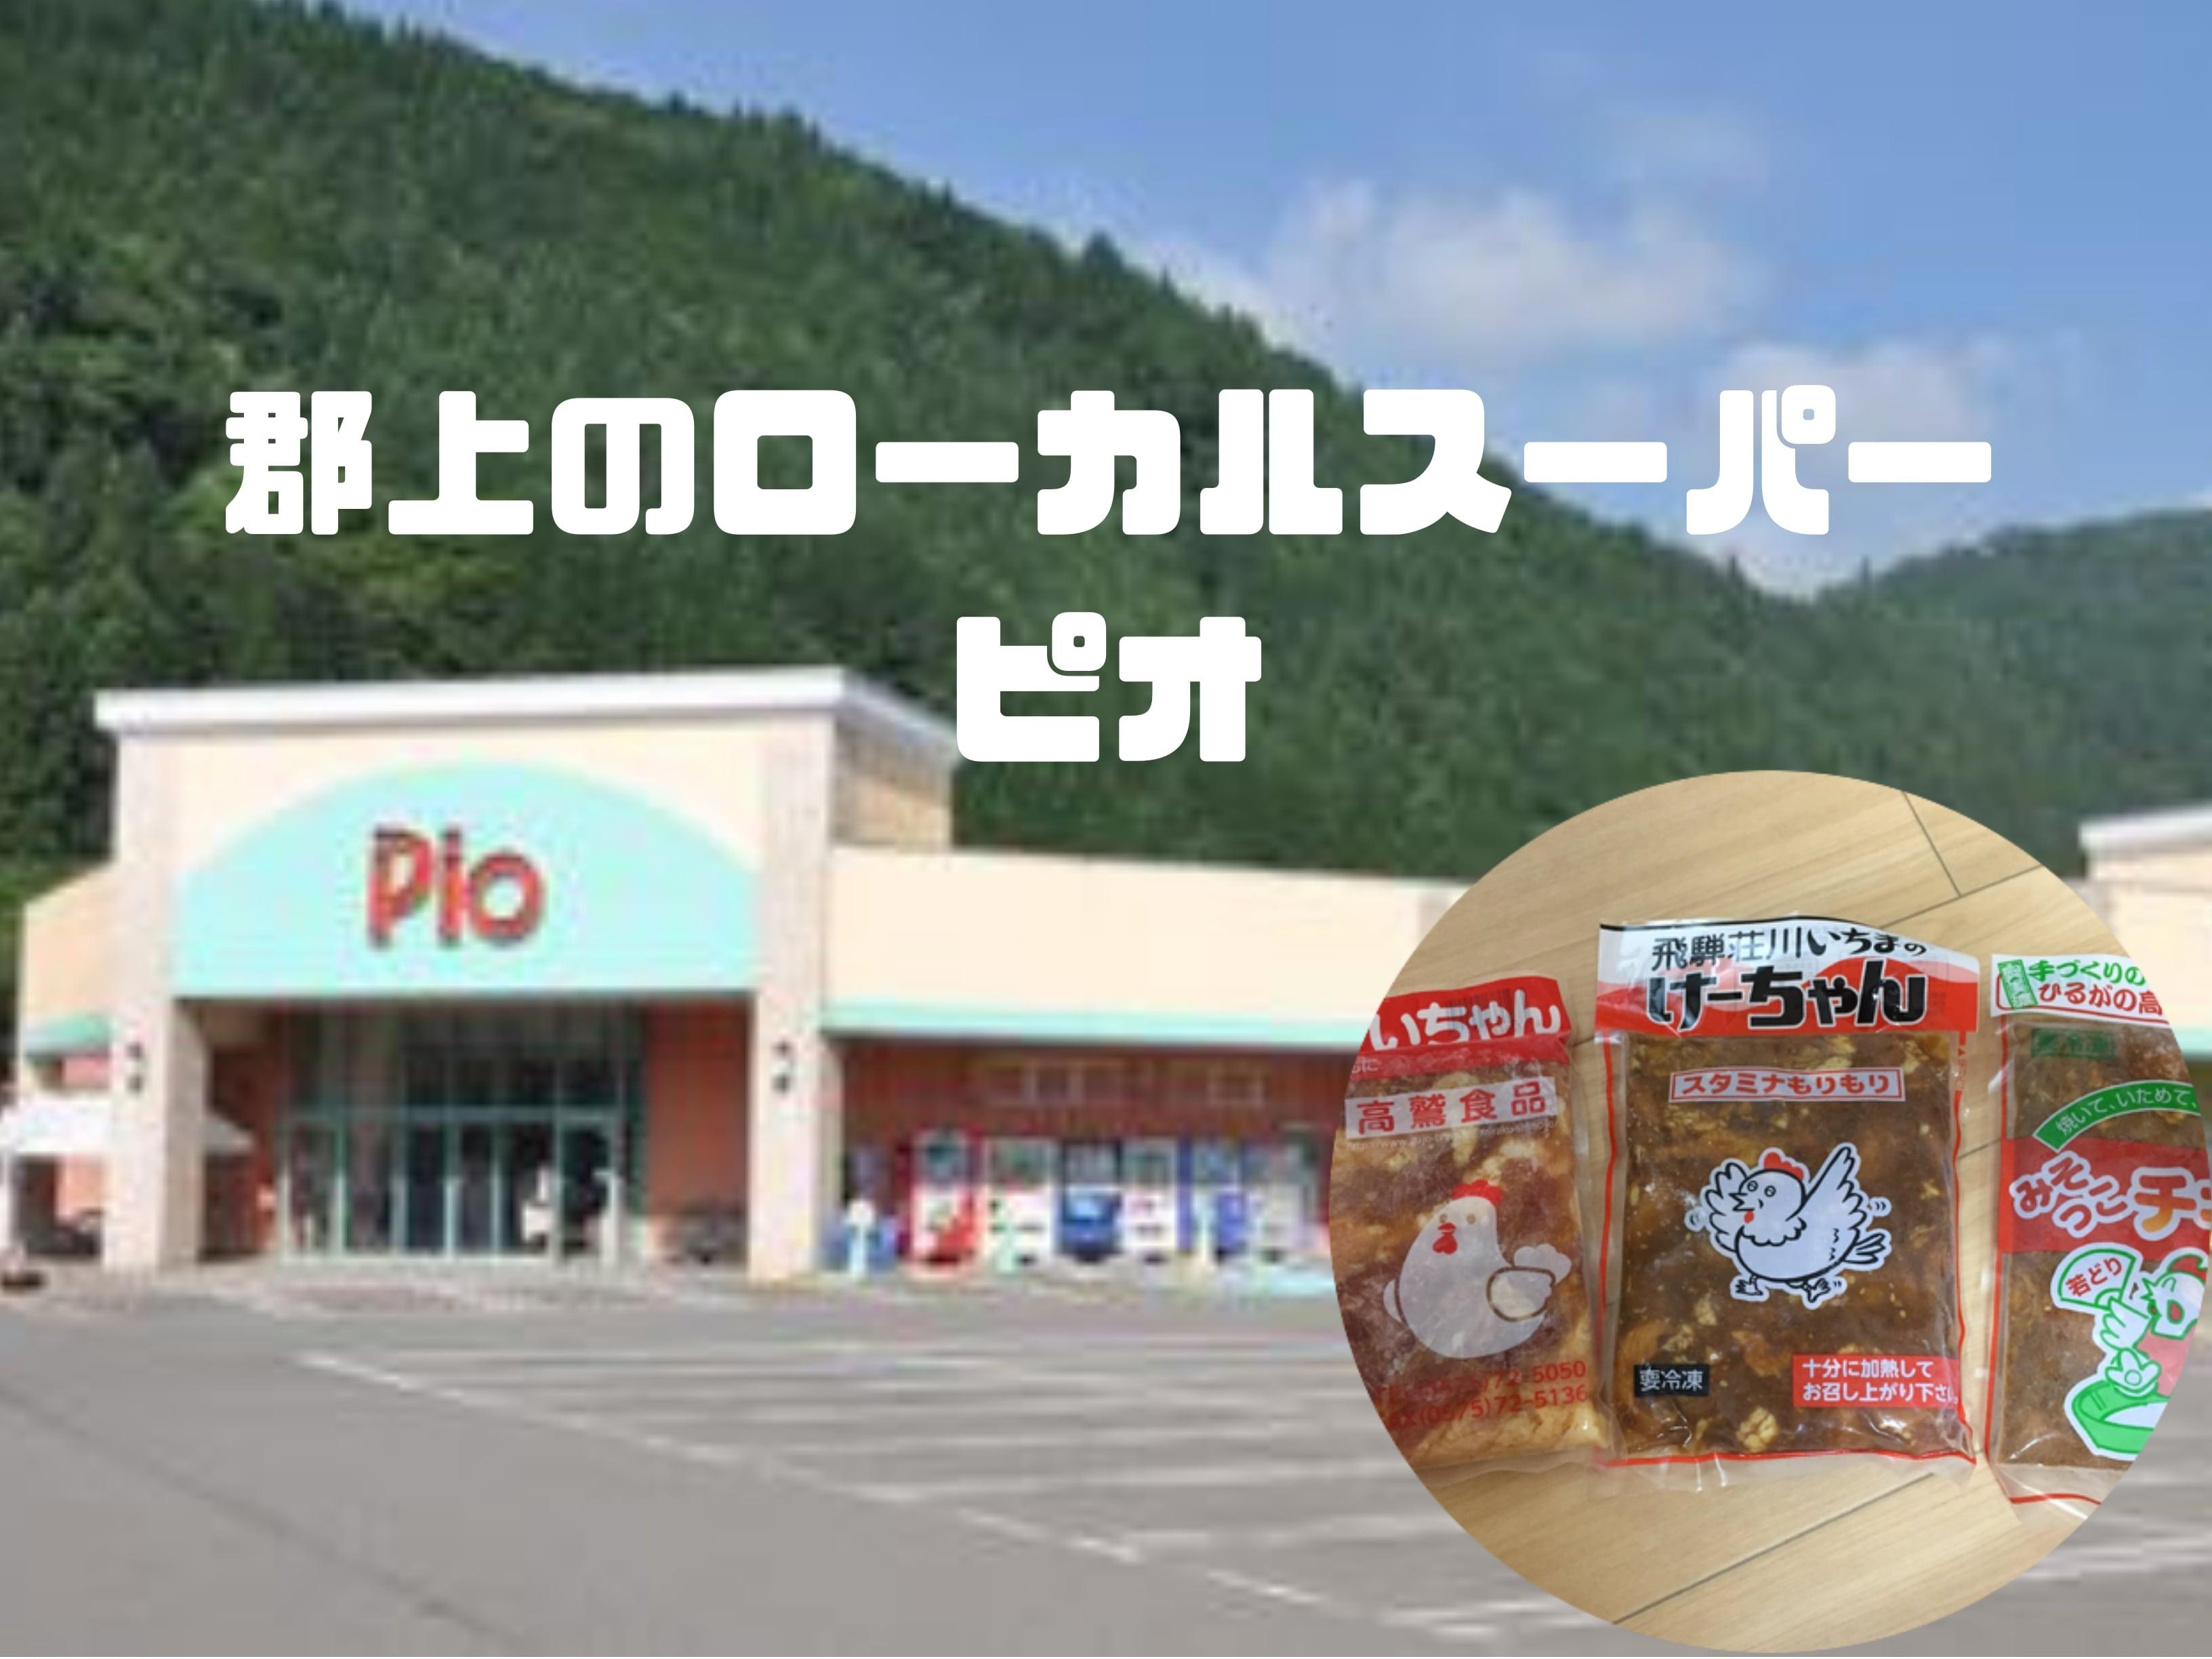 郡上のローカルスーパー「ピオ」